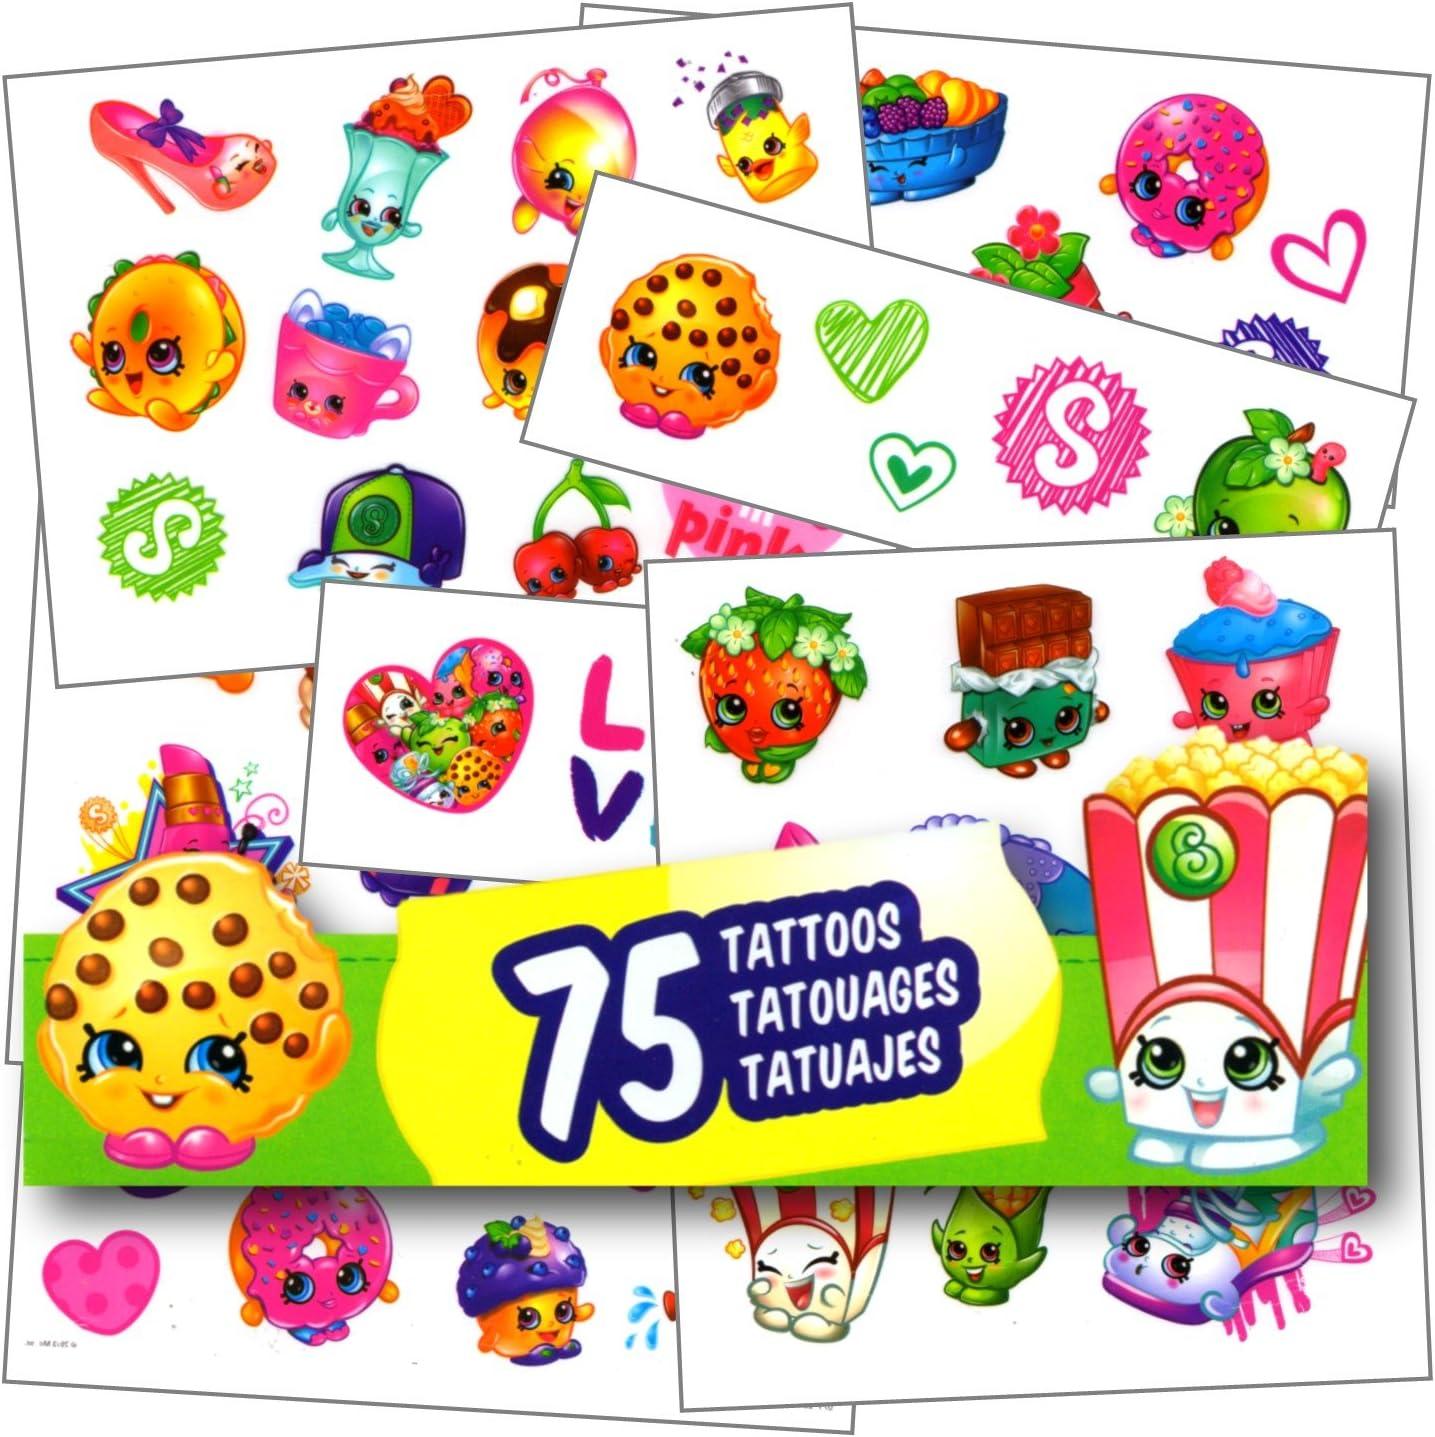 Shopkins Tattoos - 75 Assorted Temporary Tattoos